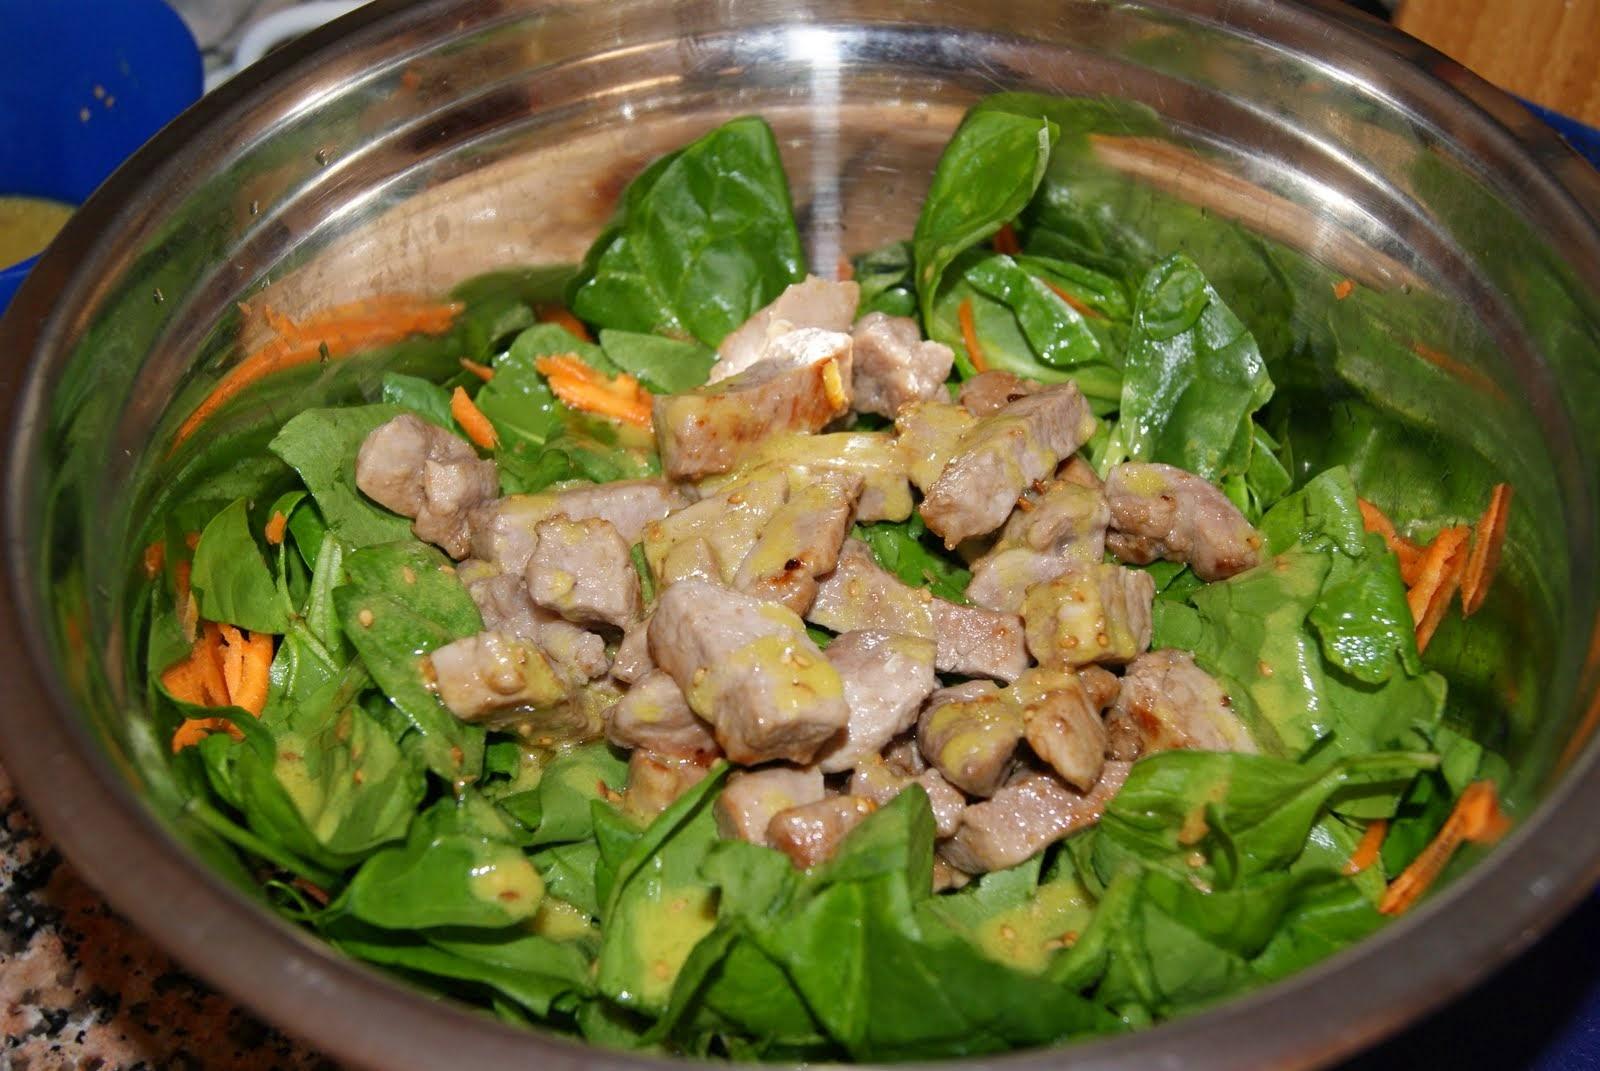 ensalada de espinacas y solomillo